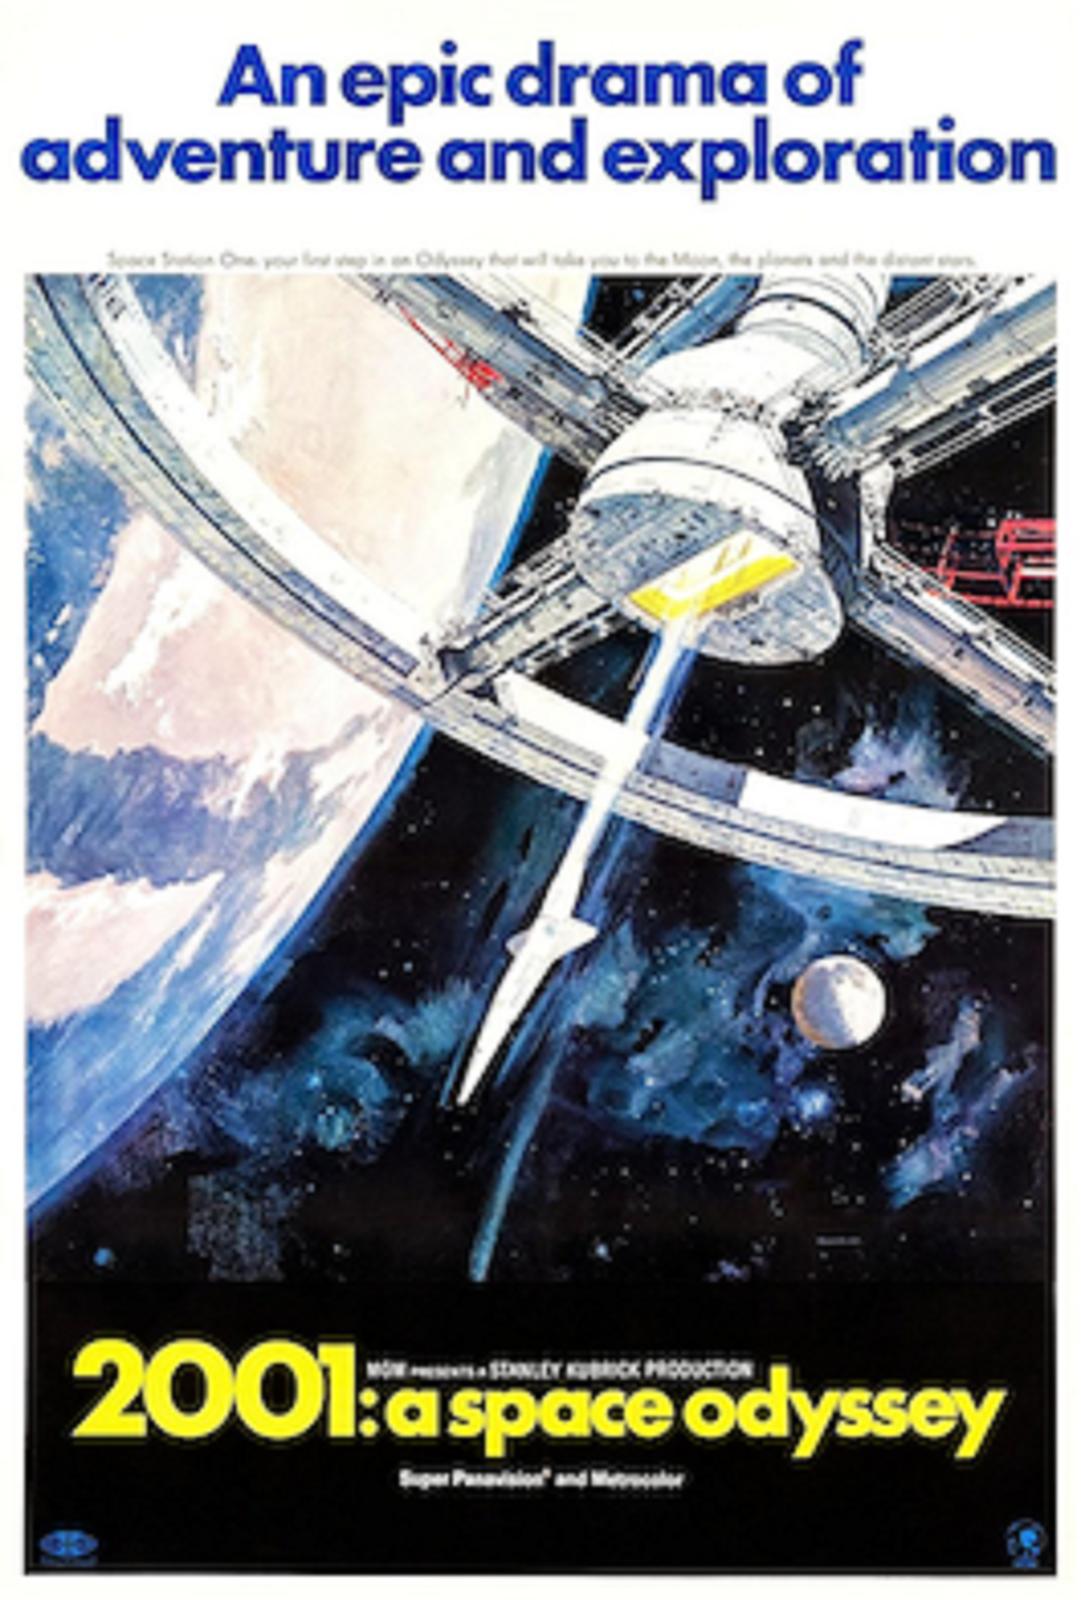 """Ilustracja przedstawia plakat """"Odyseja kosmiczna"""", która przedstawia fragment planety po lewej stronie ifragment windy kosmicznej jest to konstrukcja, służąca do wynoszenia obiektów zpowierzchni ciała niebieskiego wprzestrzeń kosmiczną."""